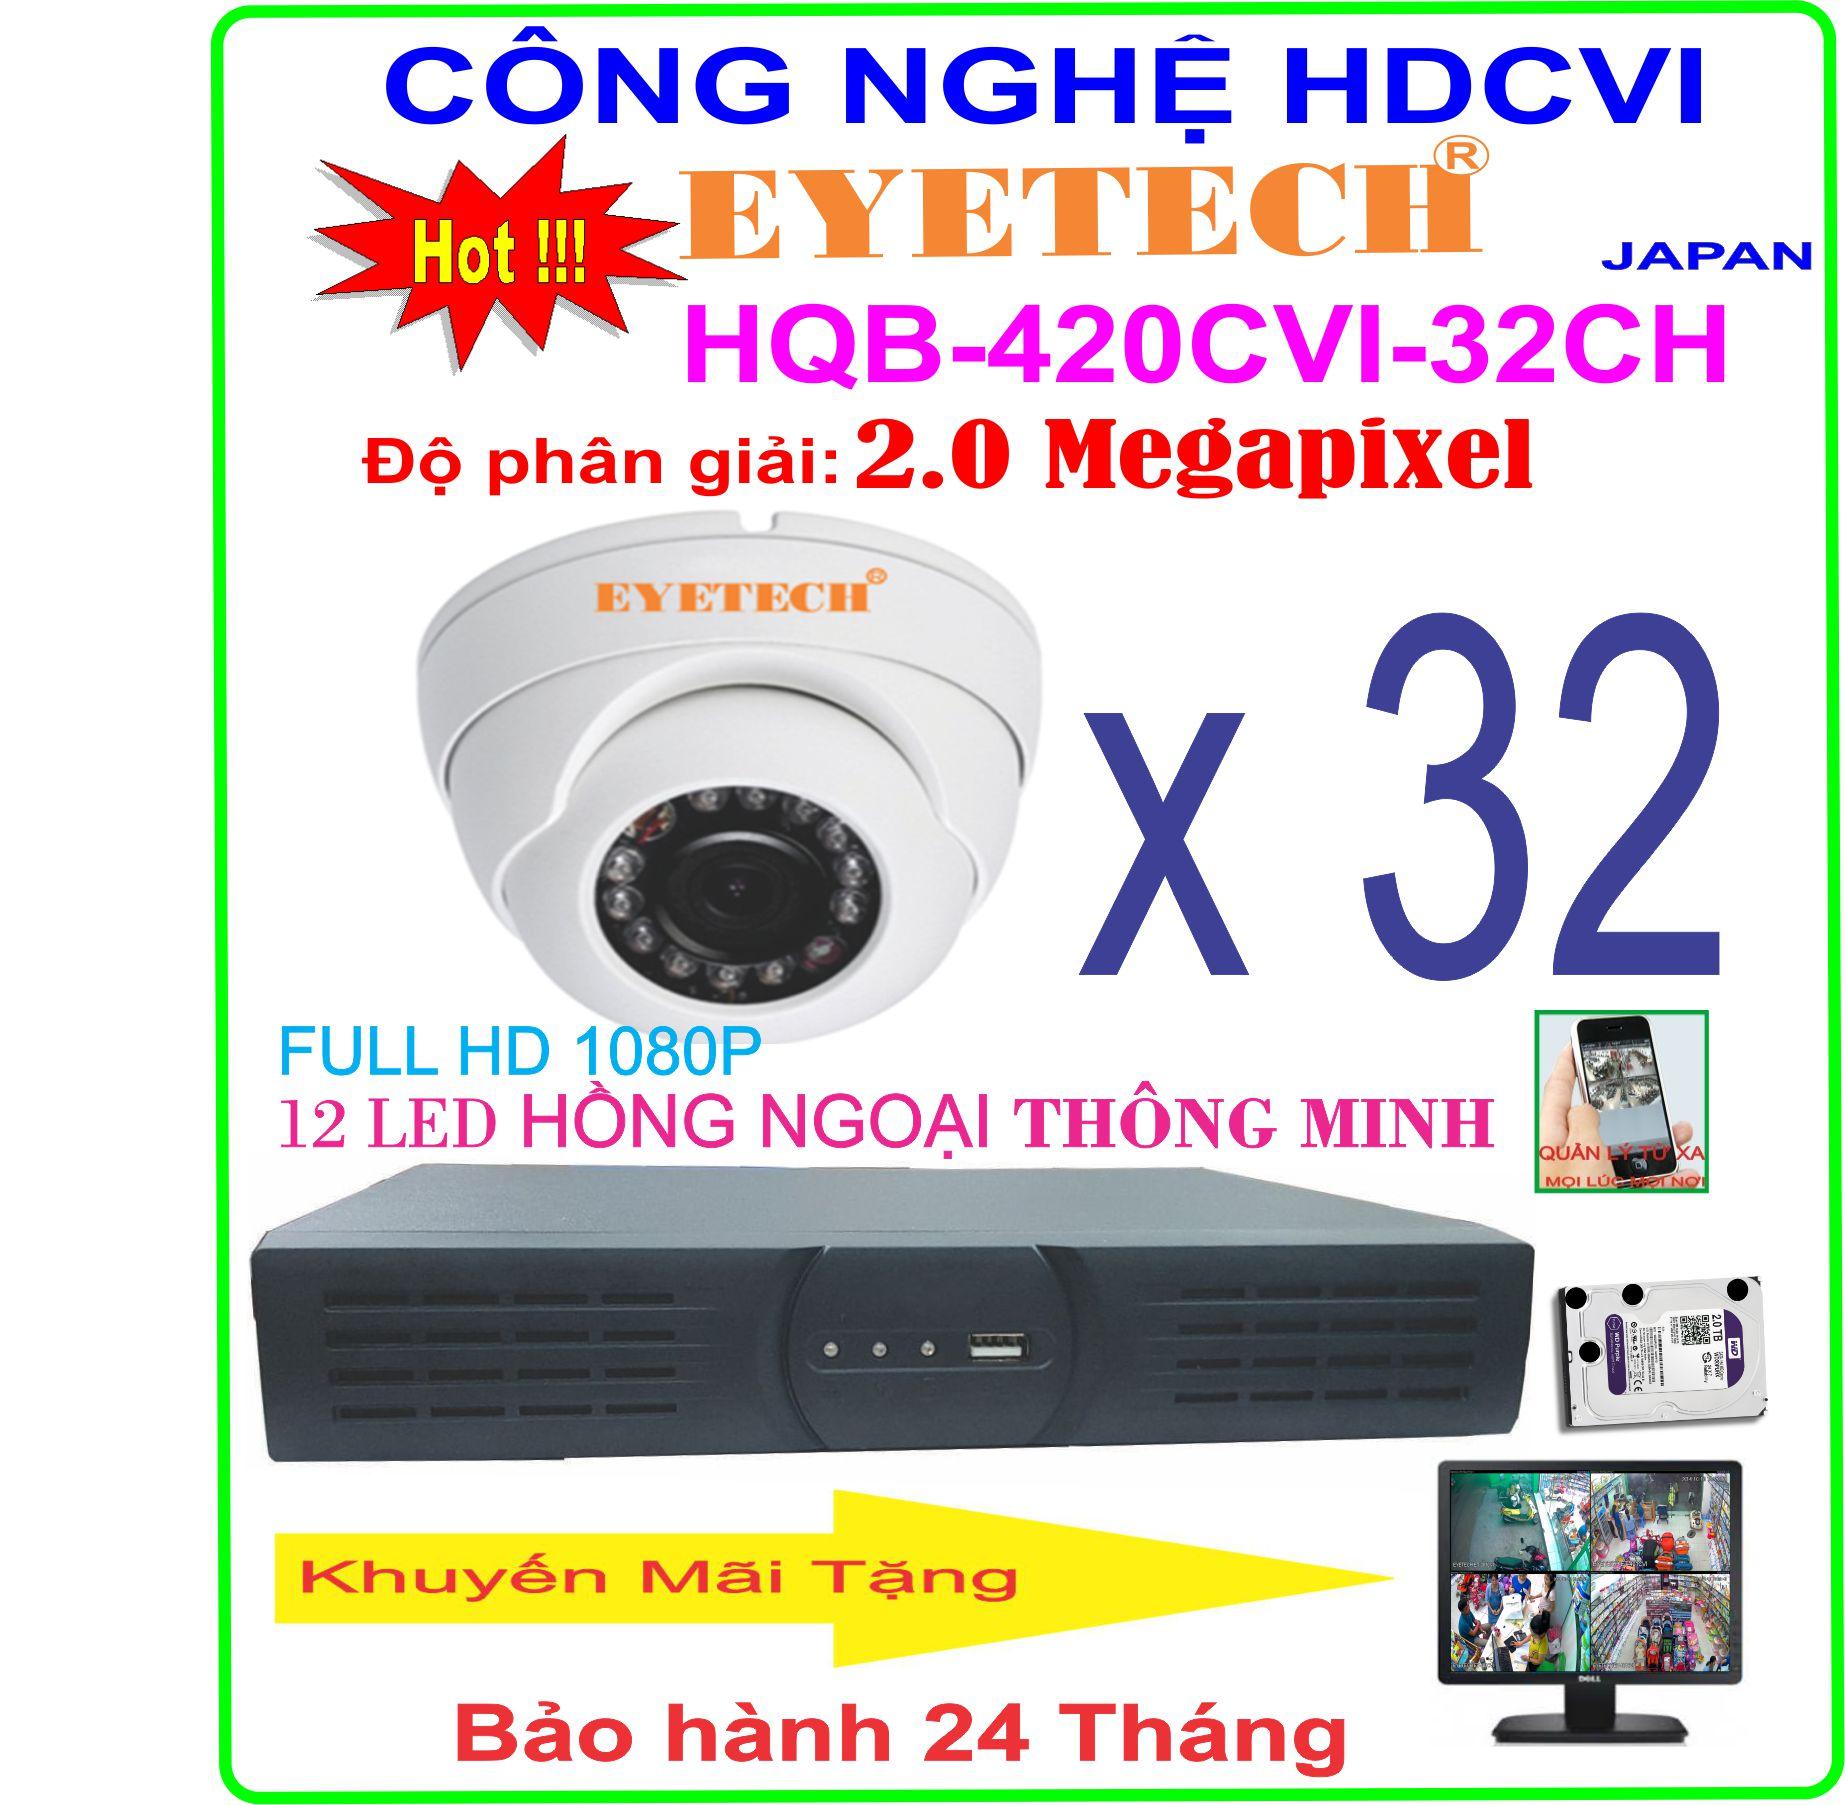 Hệ Thống 32 Camera Khuyến Mãi EYETECH HQB-420CVI-32CH